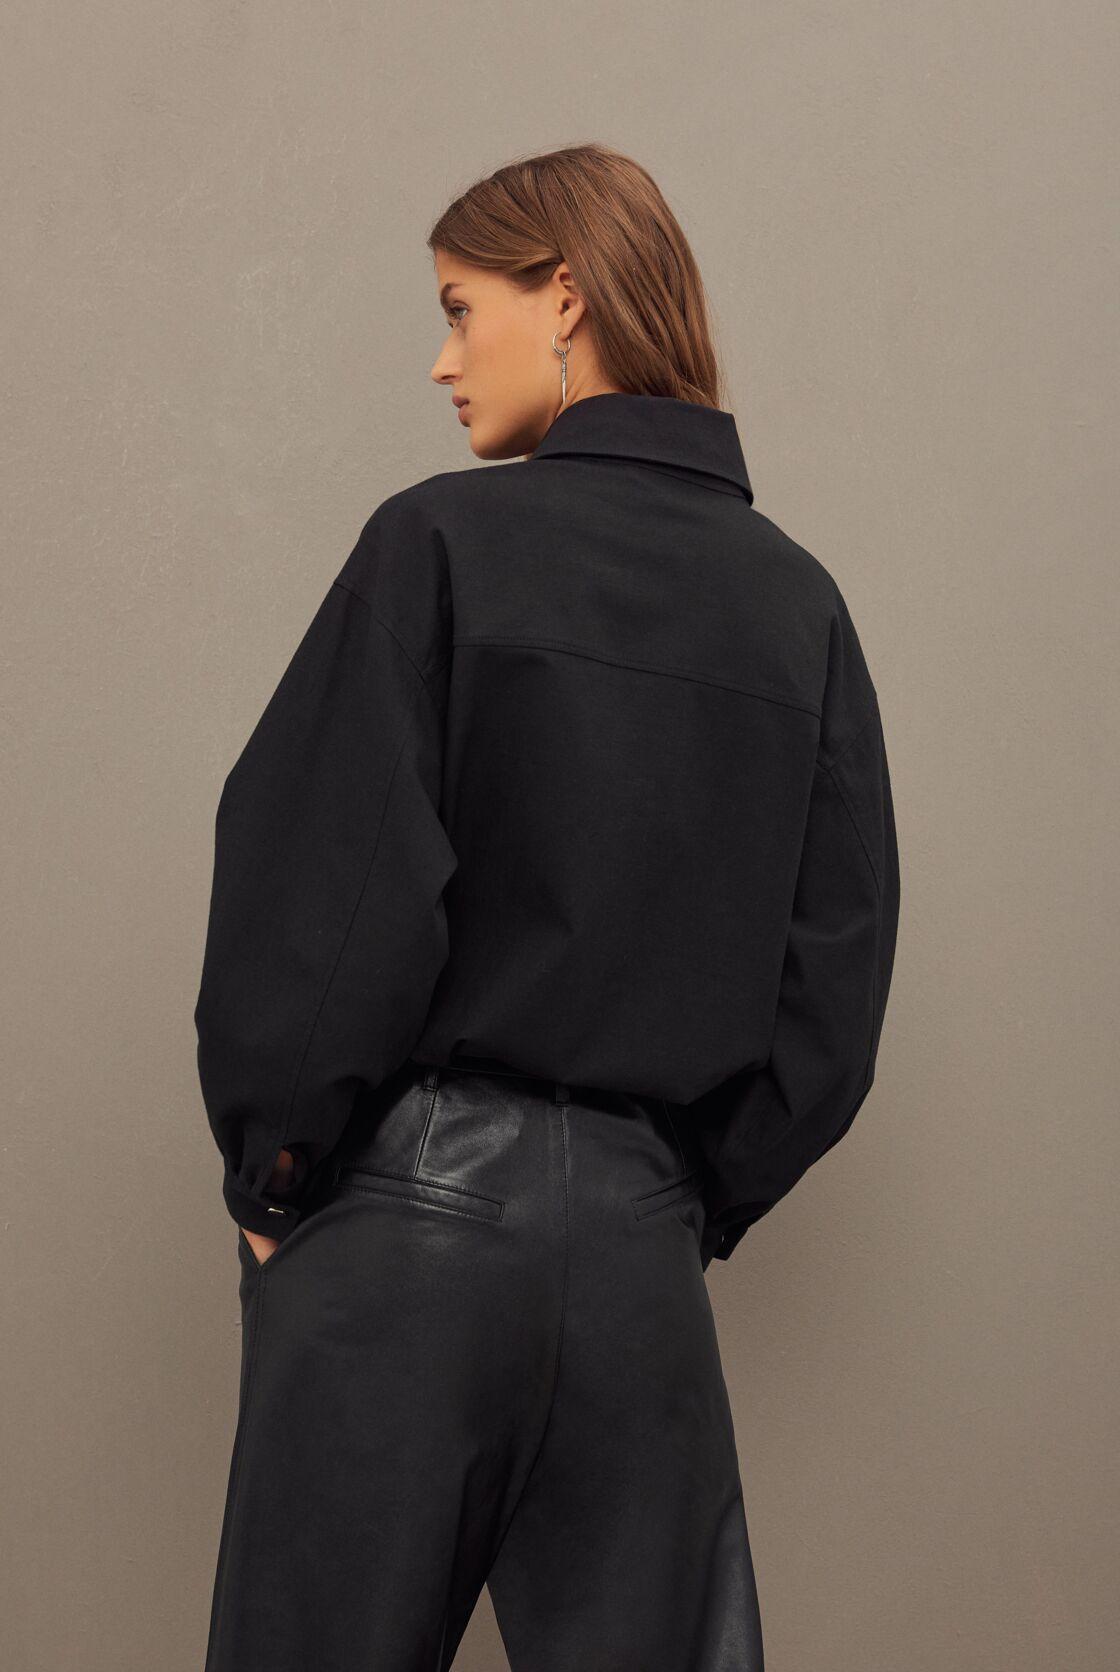 Pépite de la collection Automne-hiver 2020 Bash : La jolie surchemise noire